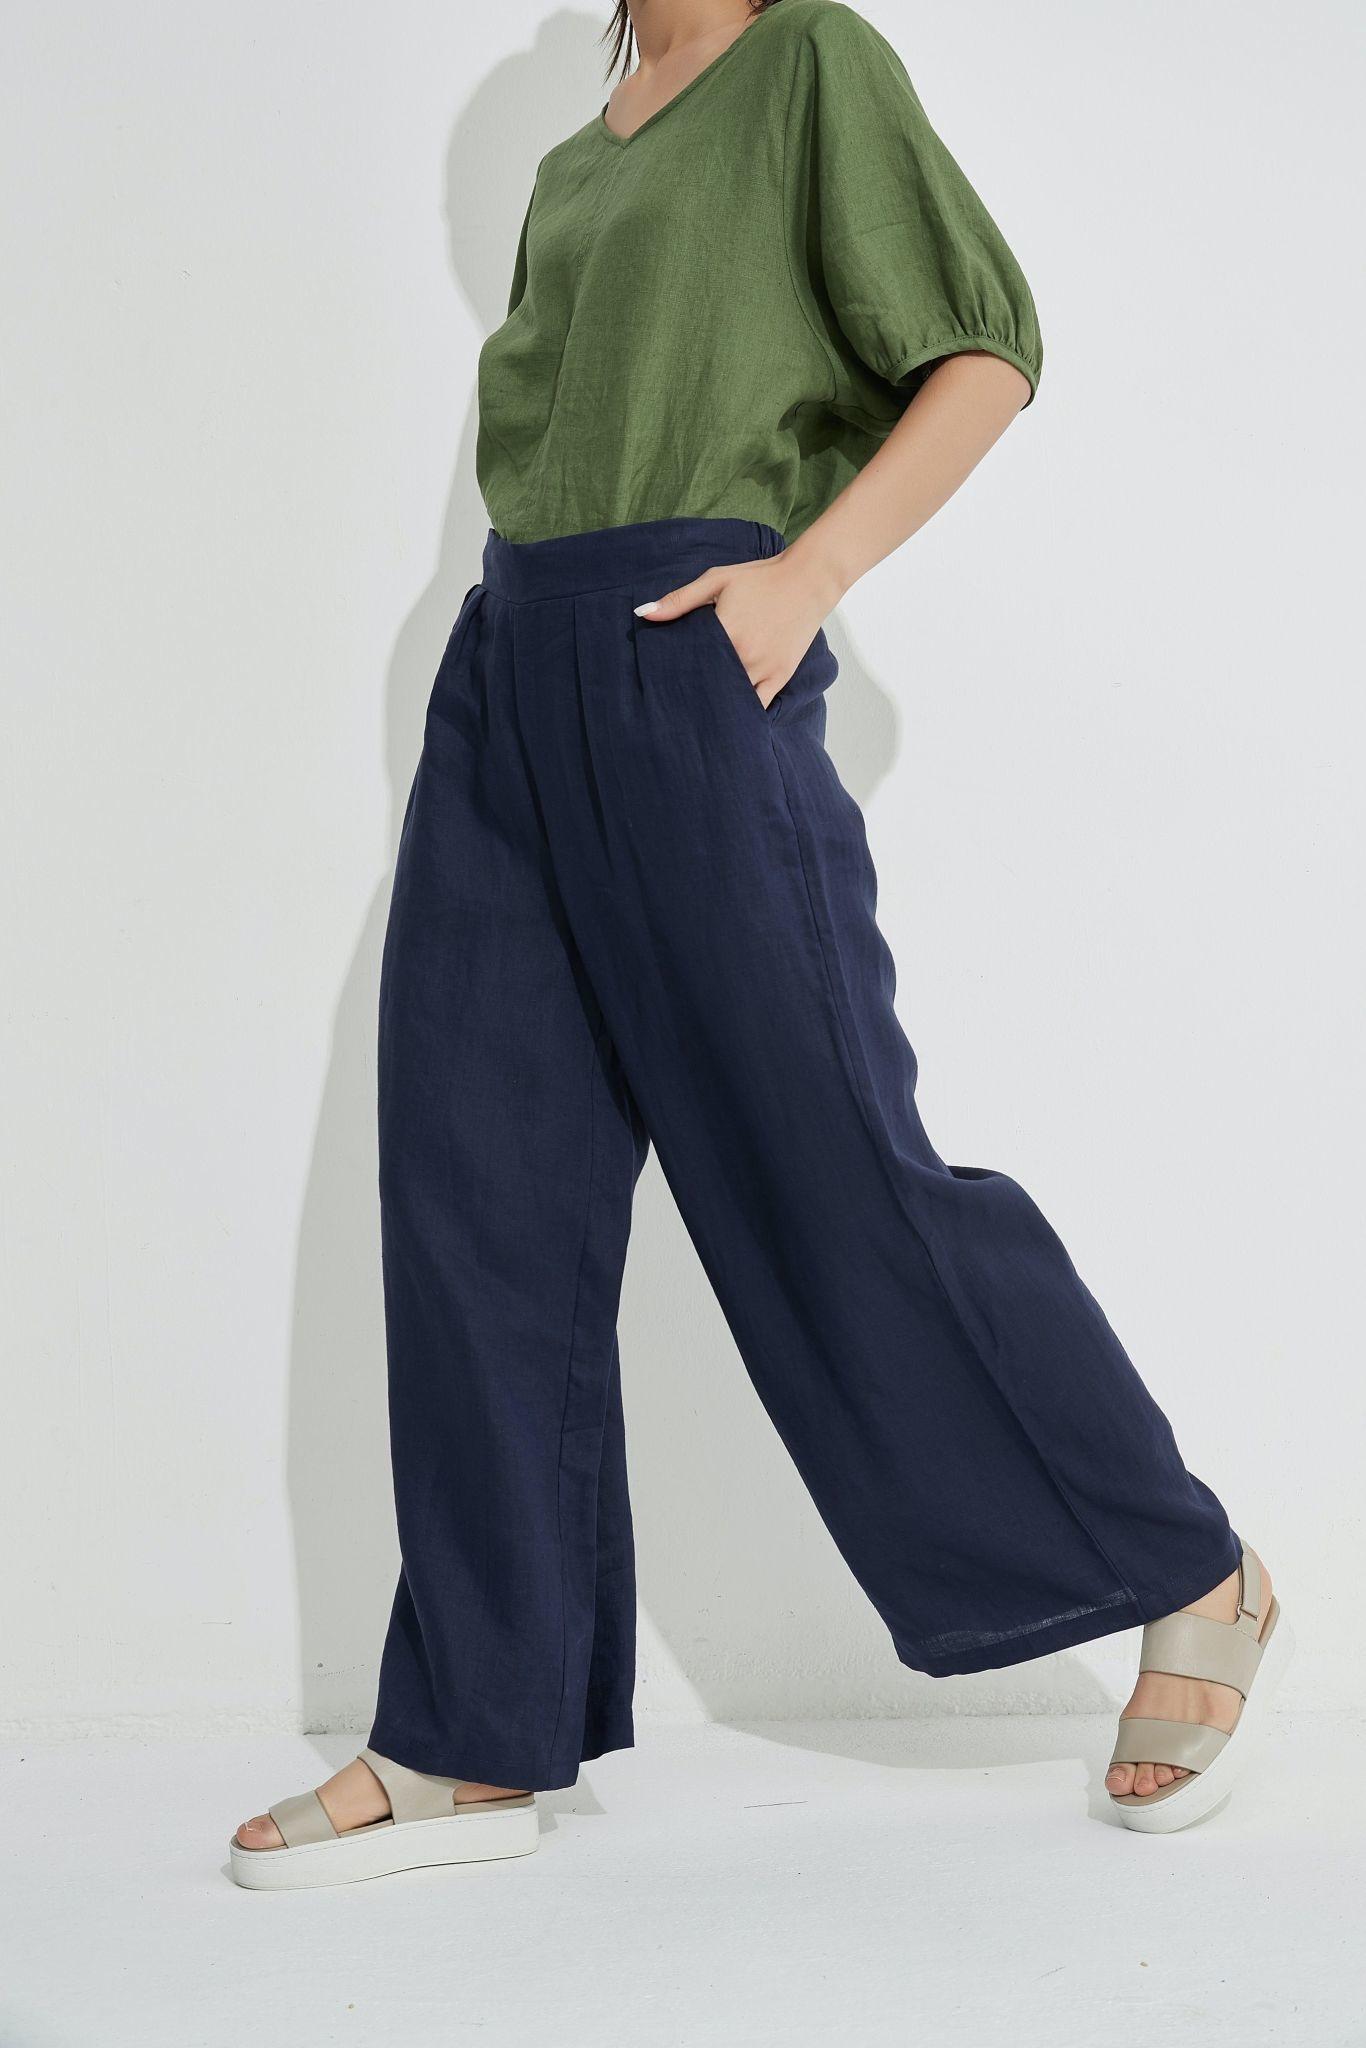 Tirelli Pocket pant